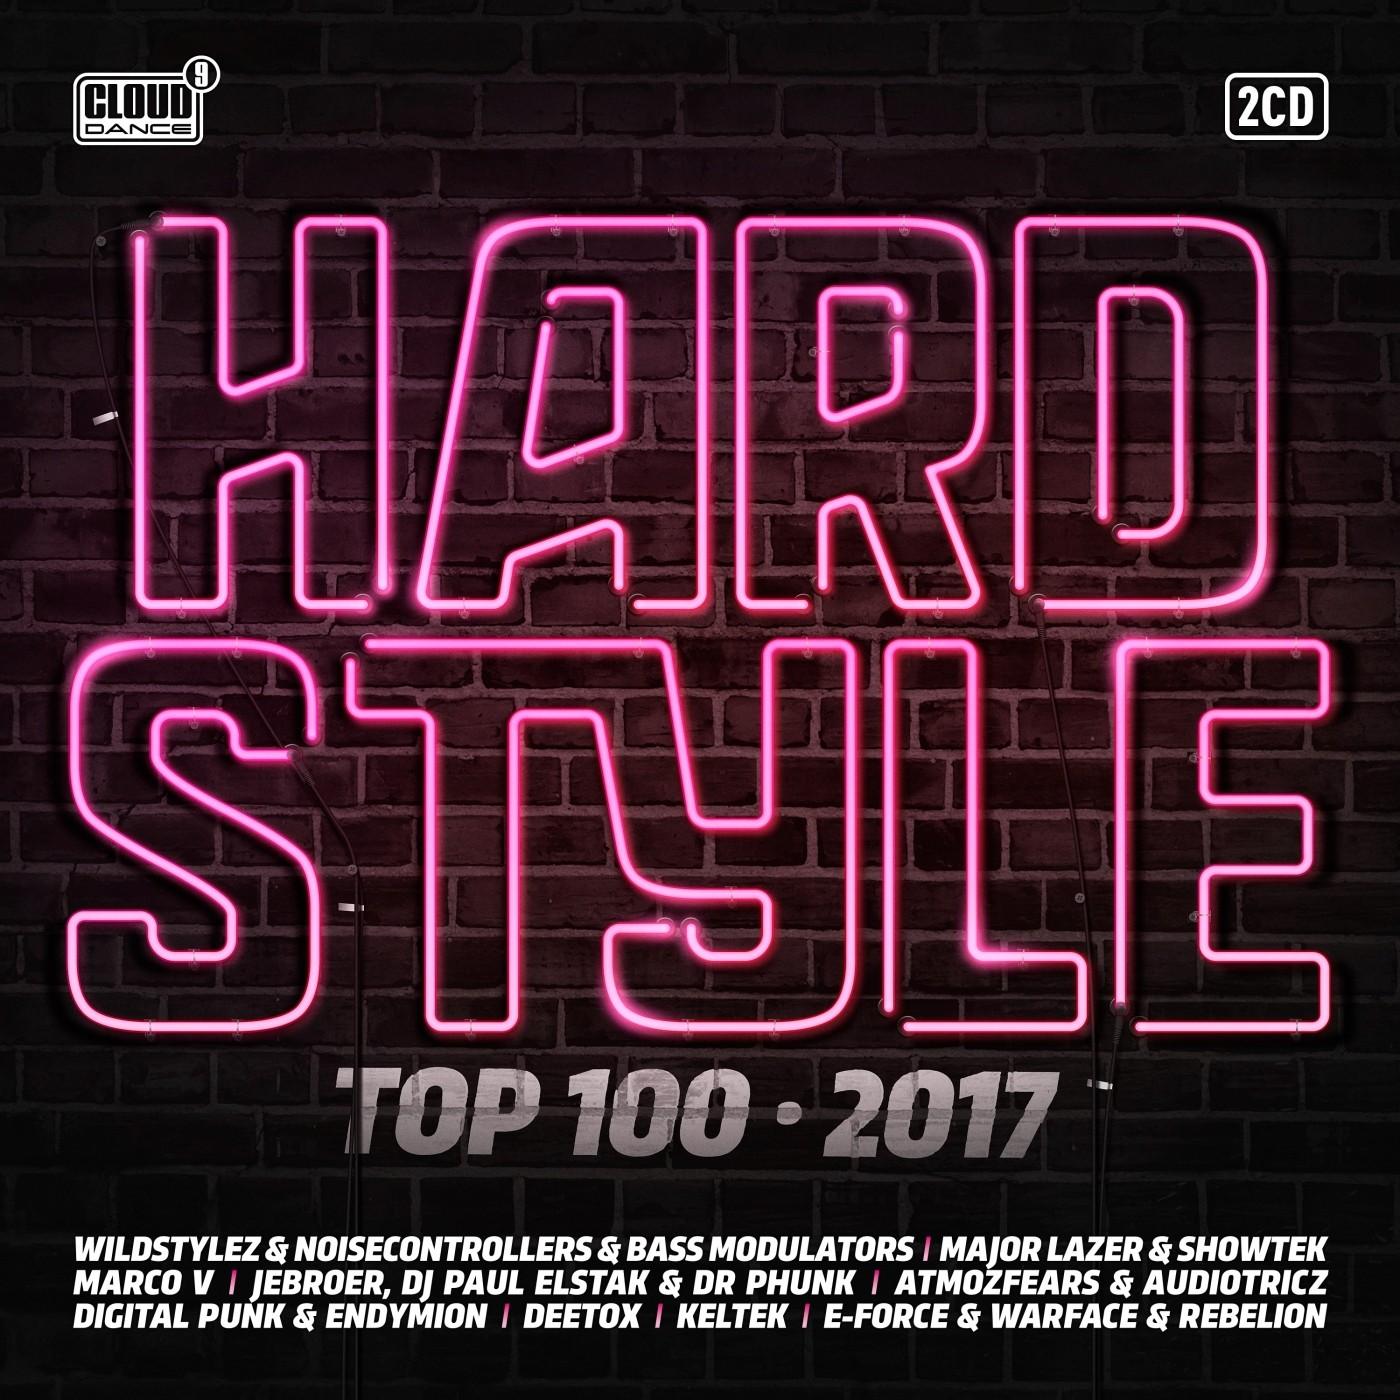 Hardstyle top 100 2017 cldm2017008 cd rigeshop for Hardstyle house